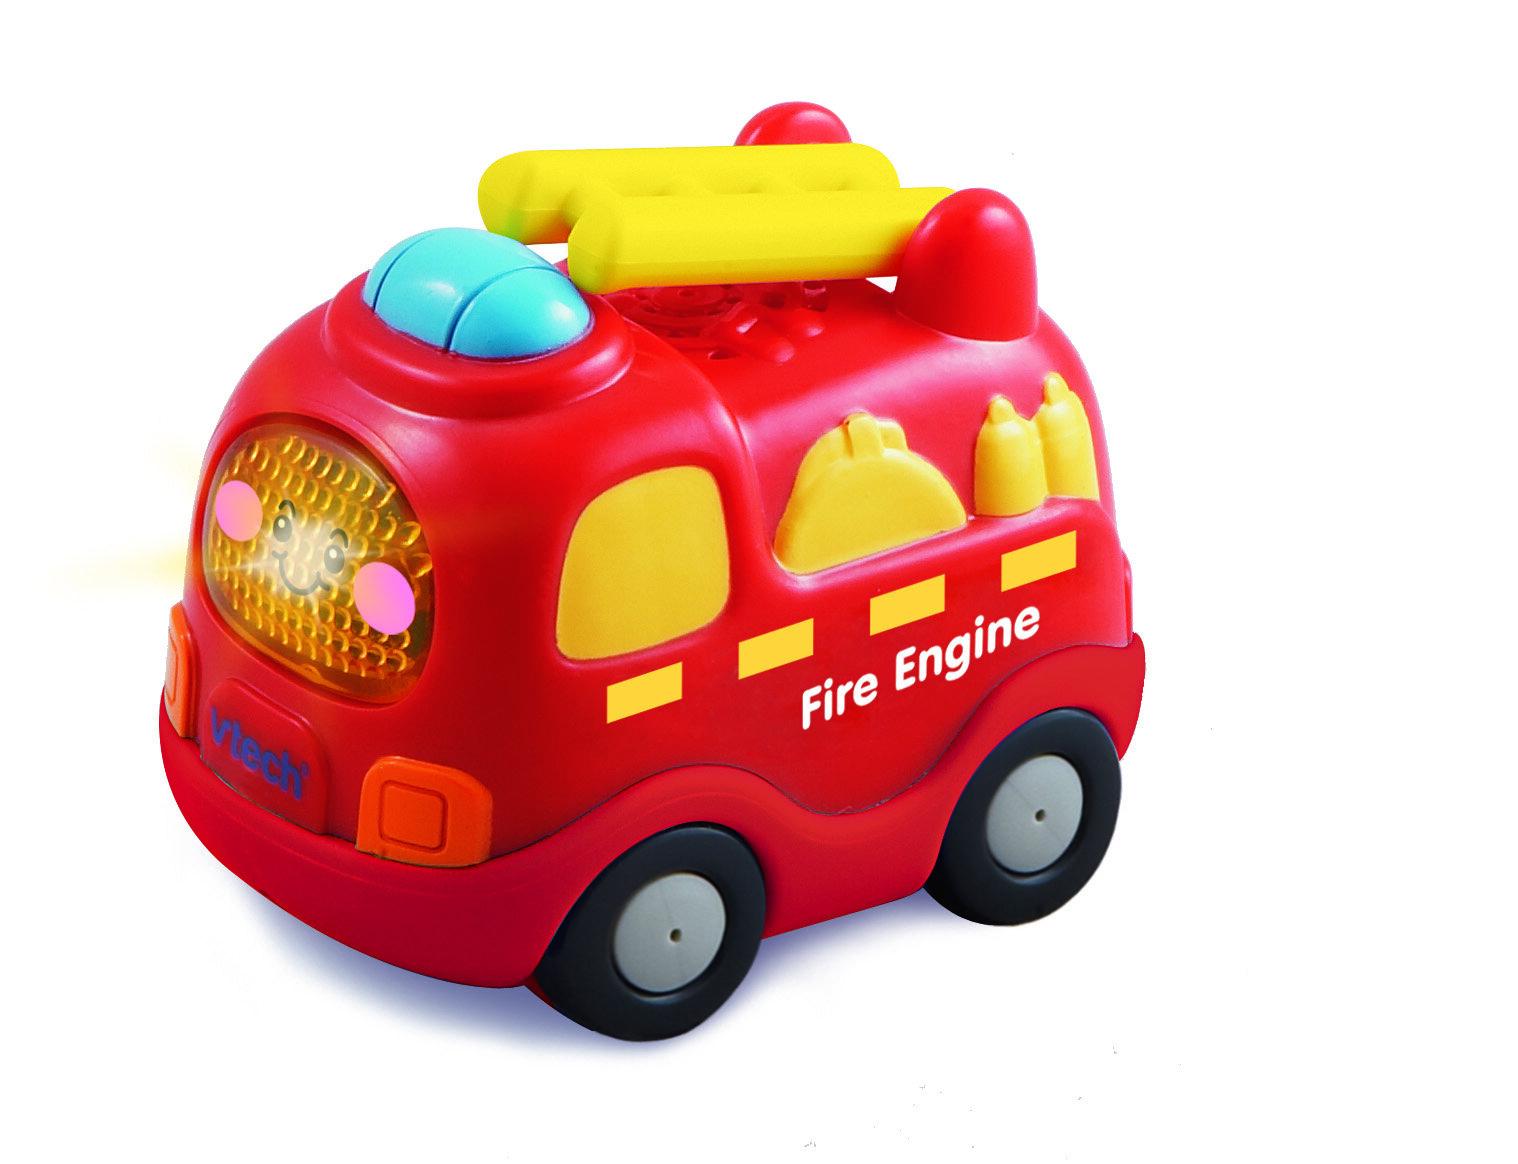 Đồ chơi xe cứu hỏa phát nhạc